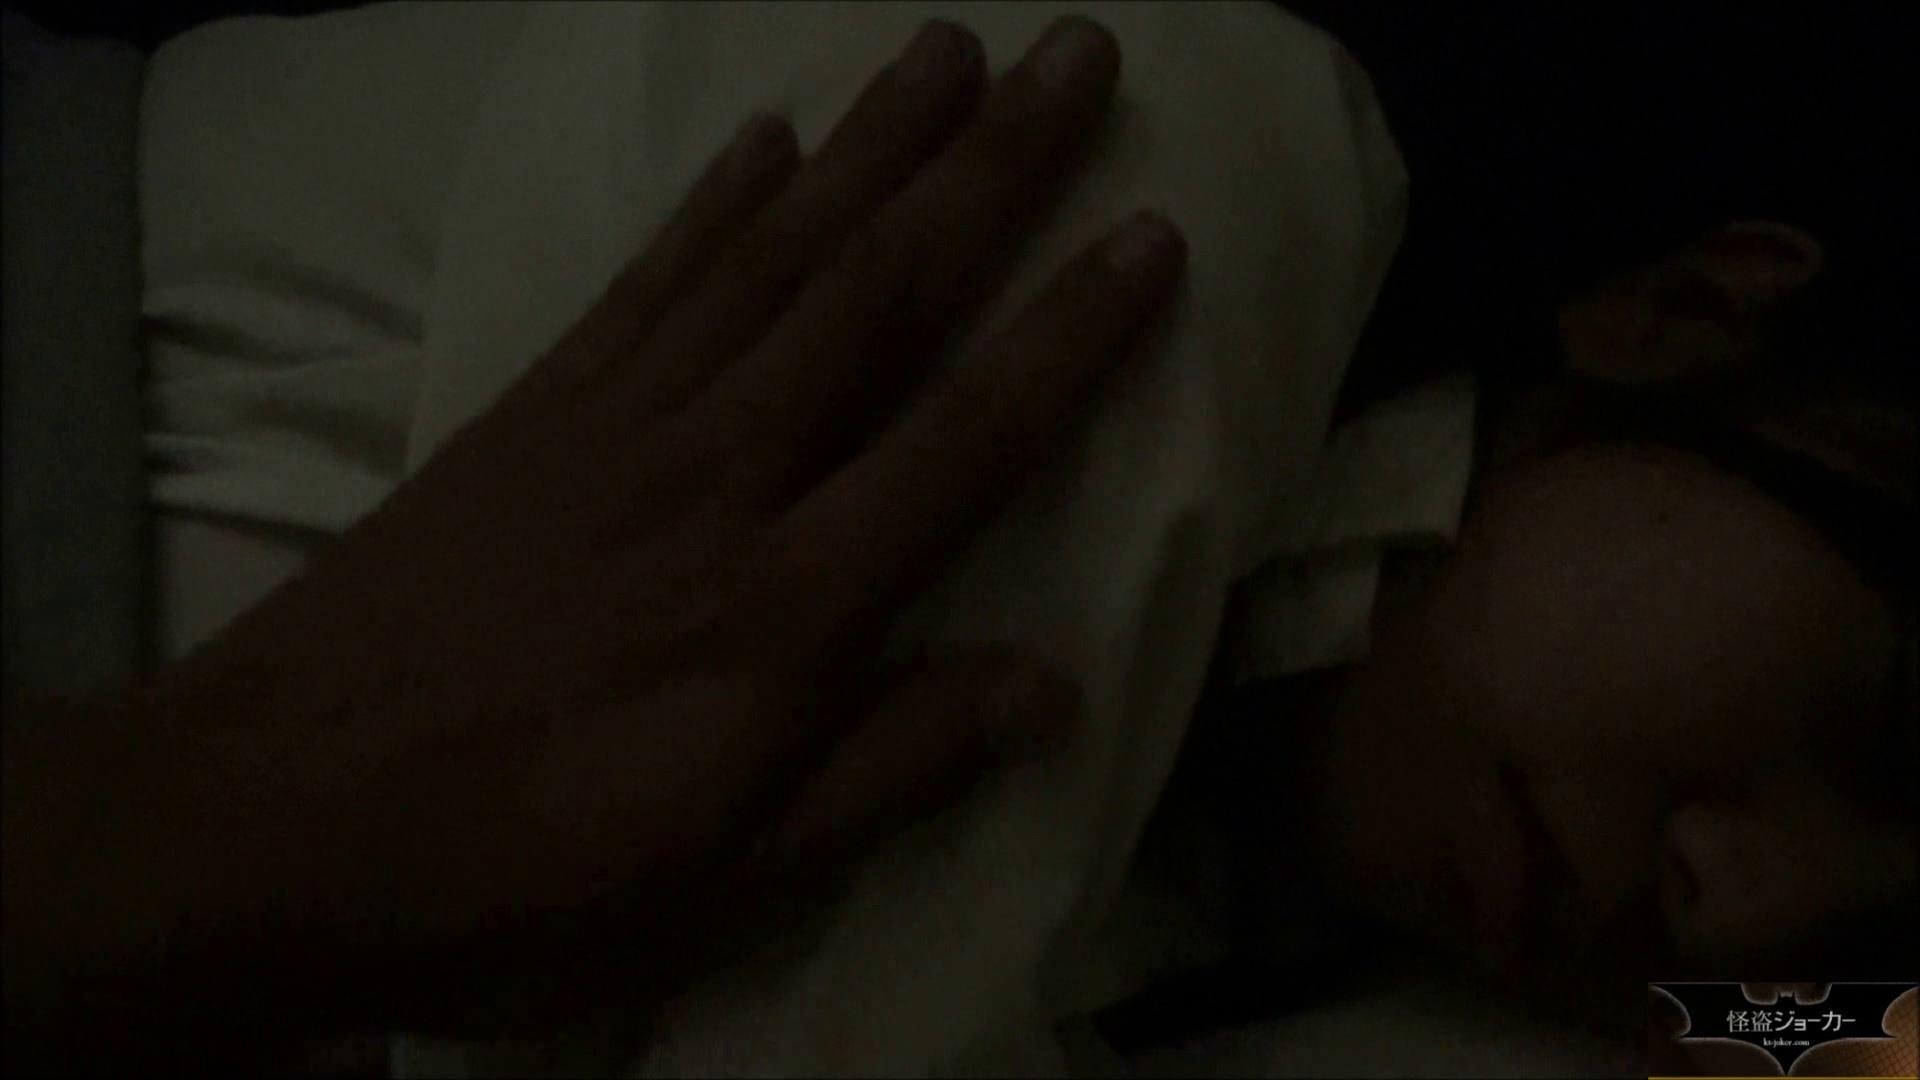 【未公開】vol.22 ●貴の部屋でおやすみなさい。 高画質   セックス  74画像 29